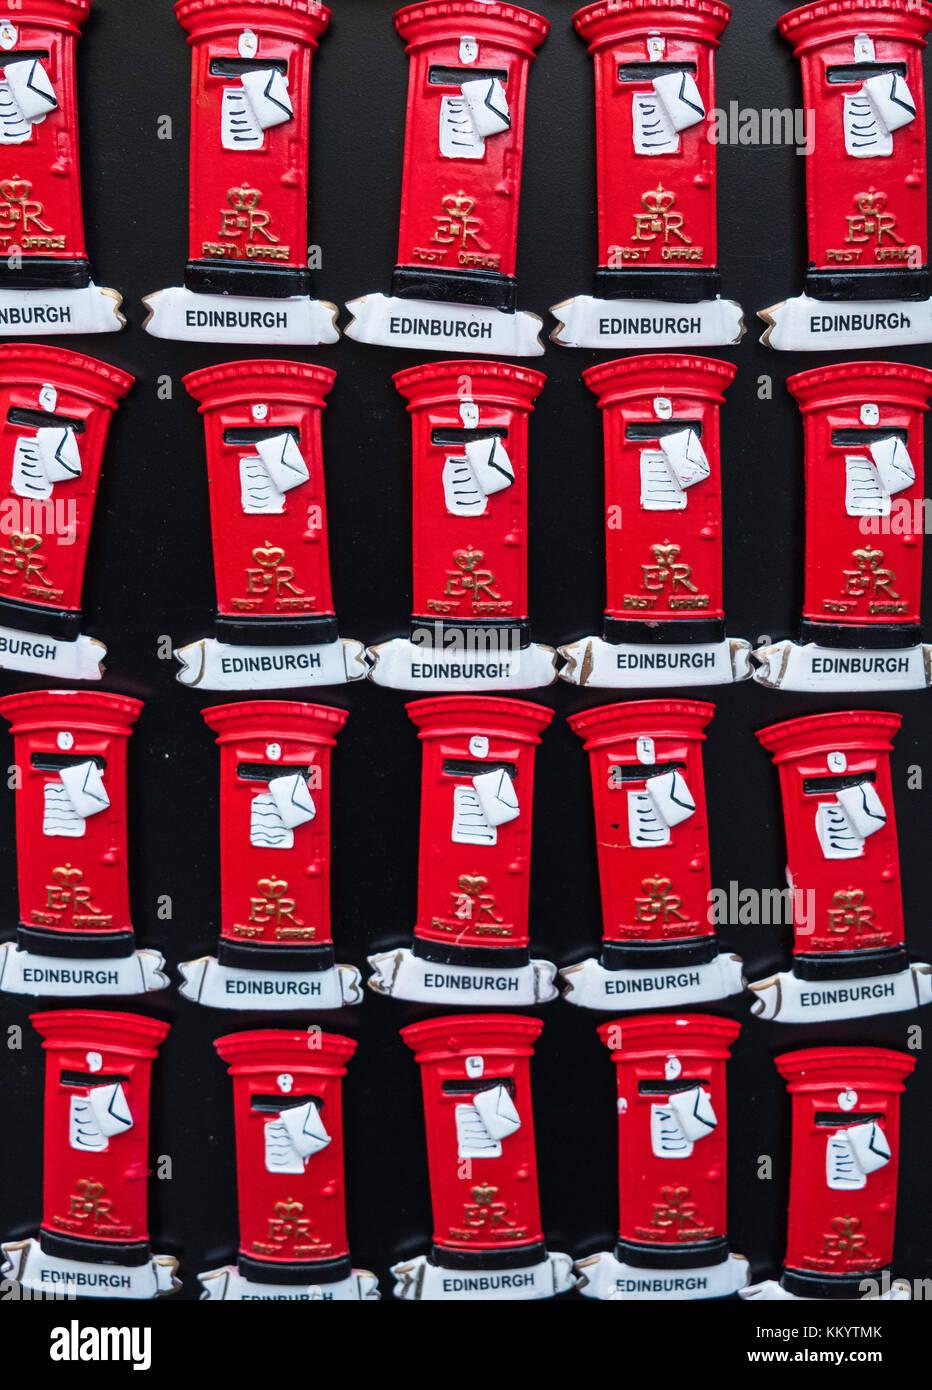 Viele Kühlschrank Magnete in Form von roten Briefkästen zum ...